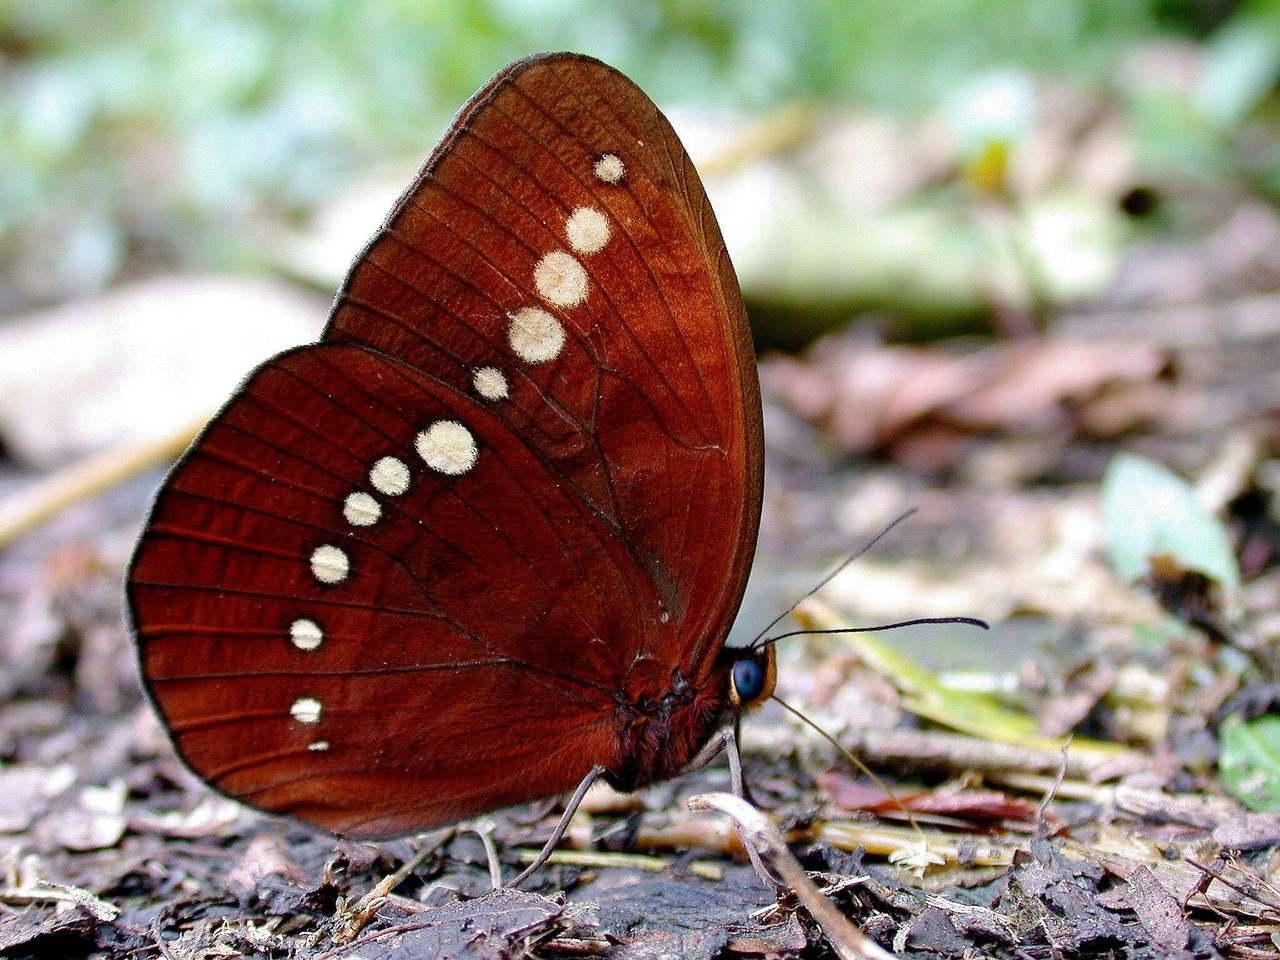 尖翅翠蛺蝶分布區域和串珠環蝶很像,基隆在1997年首次觀察到串珠環蝶,專家研判可...